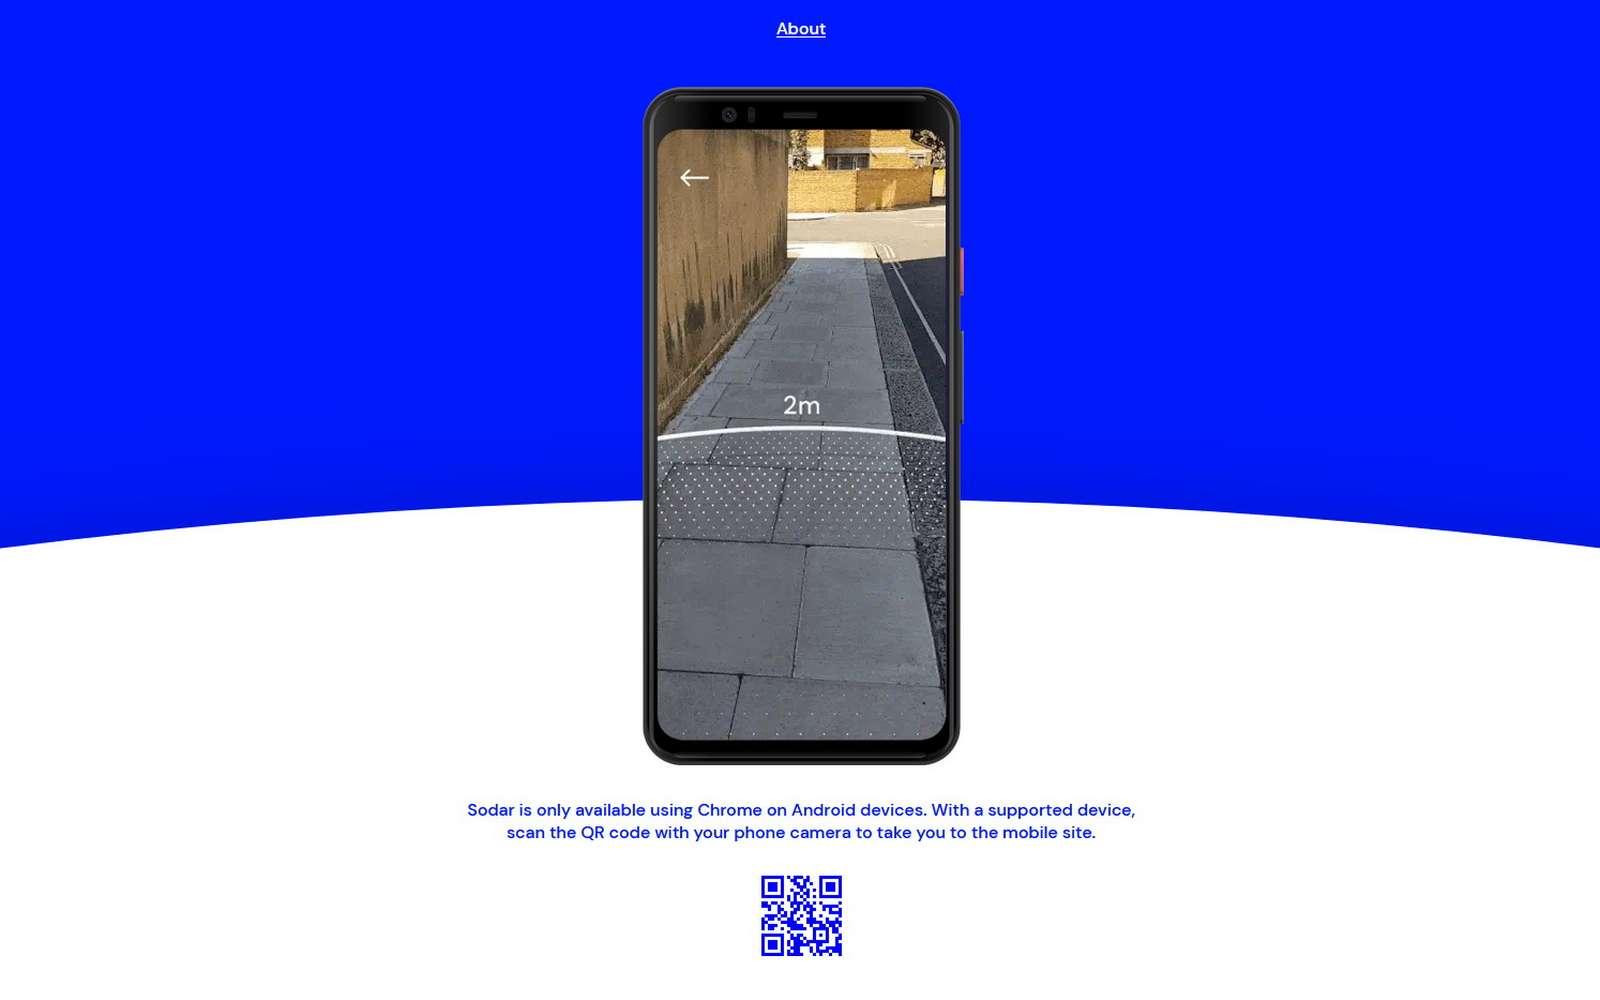 Google Sodar aide à évaluer la distanciation physique en affichant un cercle de deux mètres autour de soi en réalité augmentée. © Google